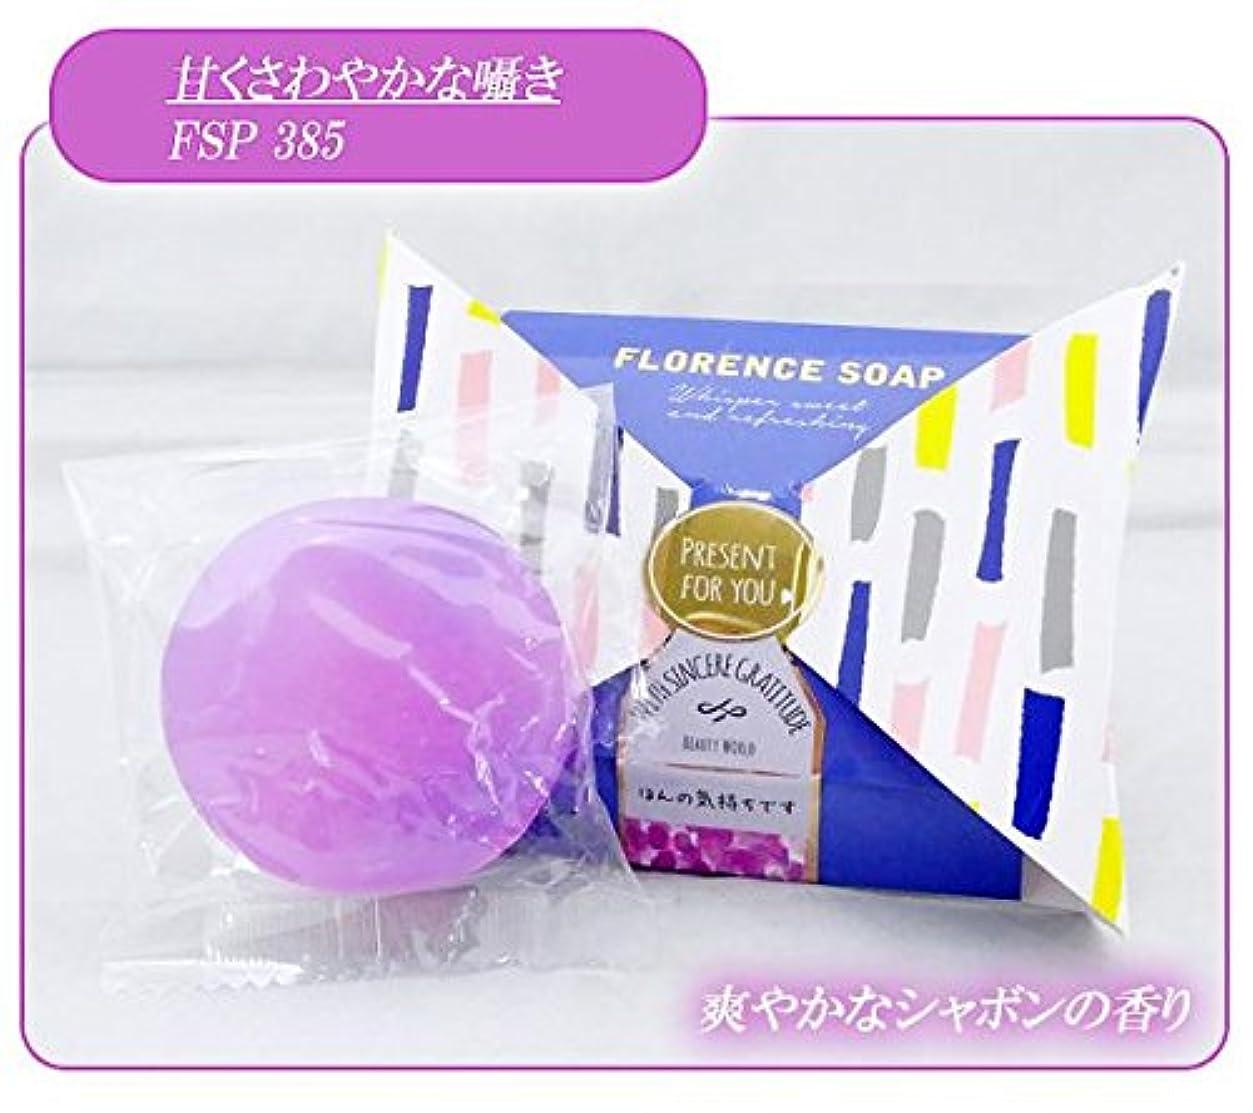 一緒に細断事実上ビューティーワールド BWフローレンスの香り石けん リボンパッケージ 6個セット 甘くさわやかな囁き